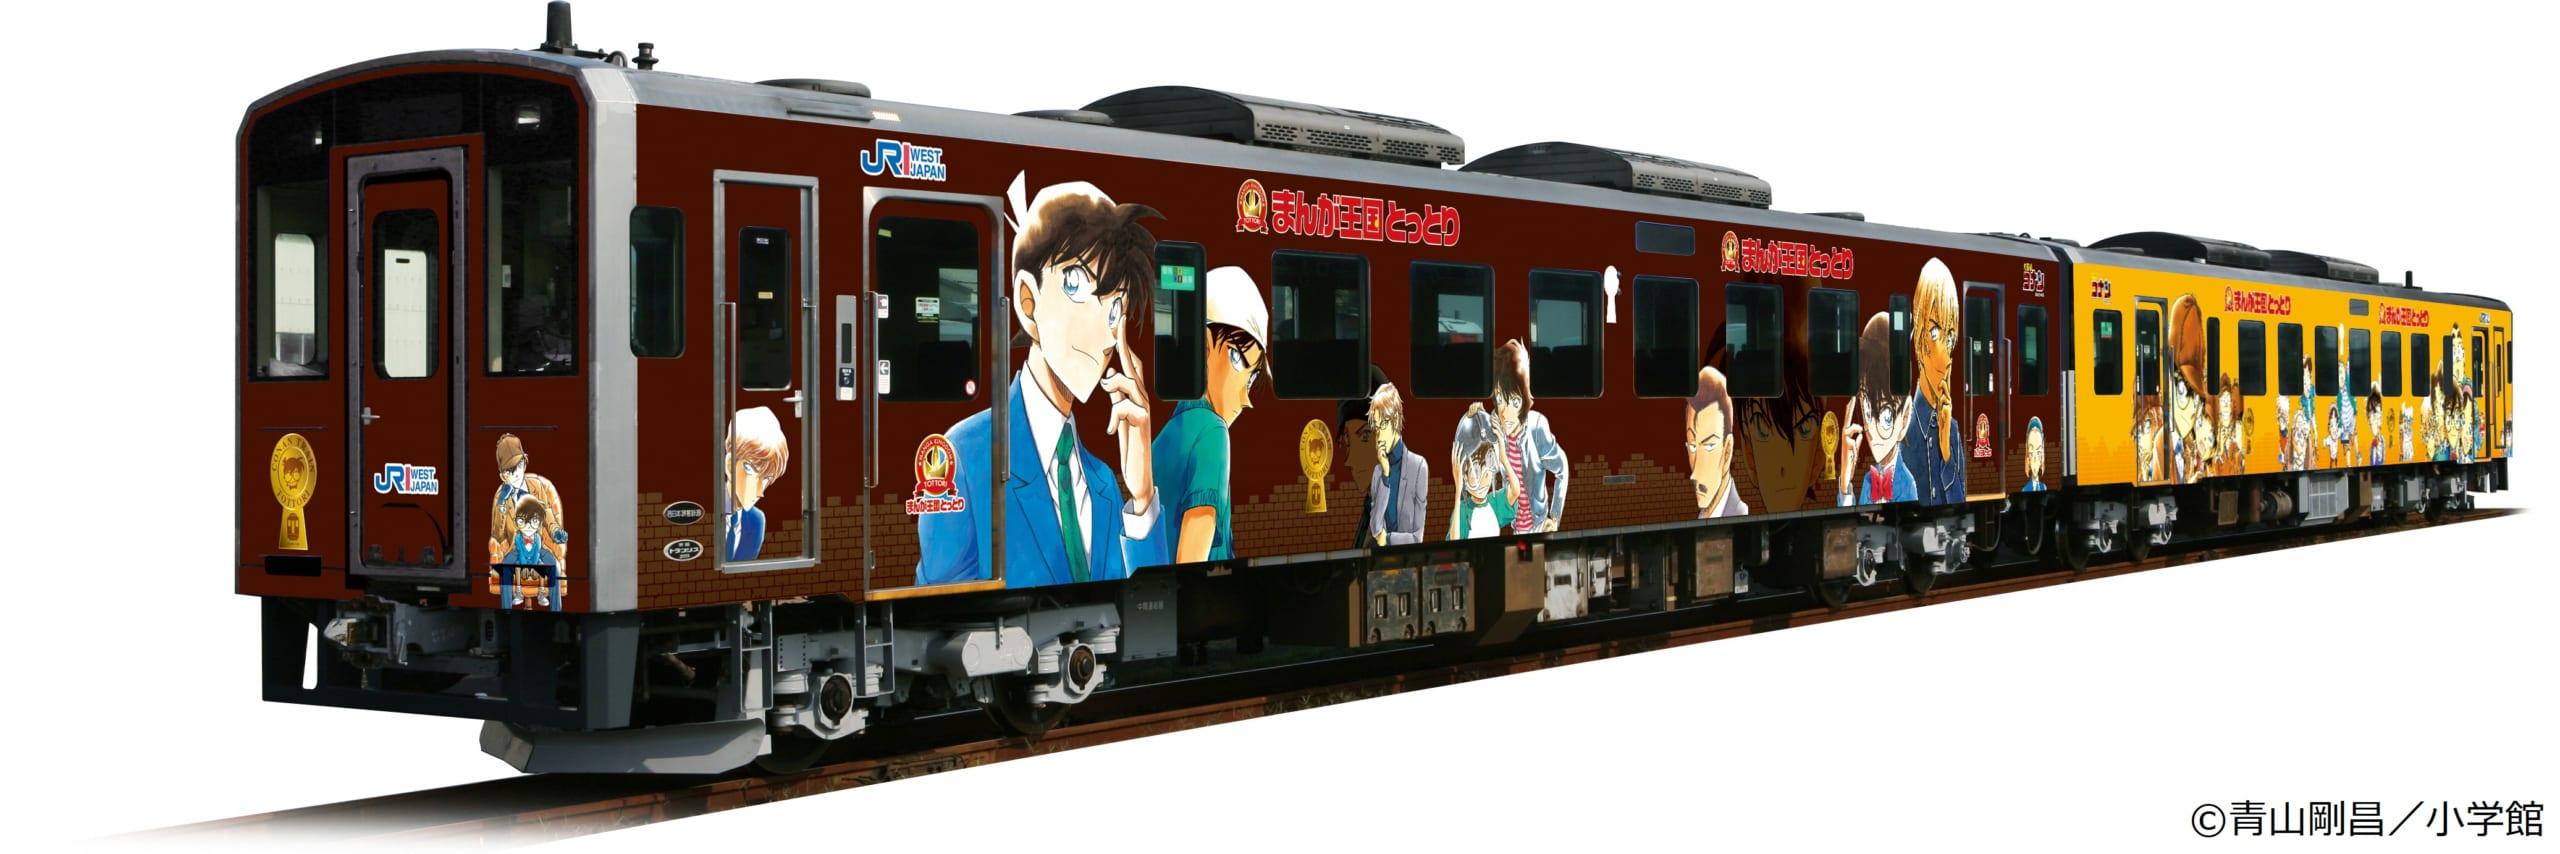 「名探偵コナン列車」リニューアル!安室透や服部平次ら探偵たちが勢ぞろいの新デザイン